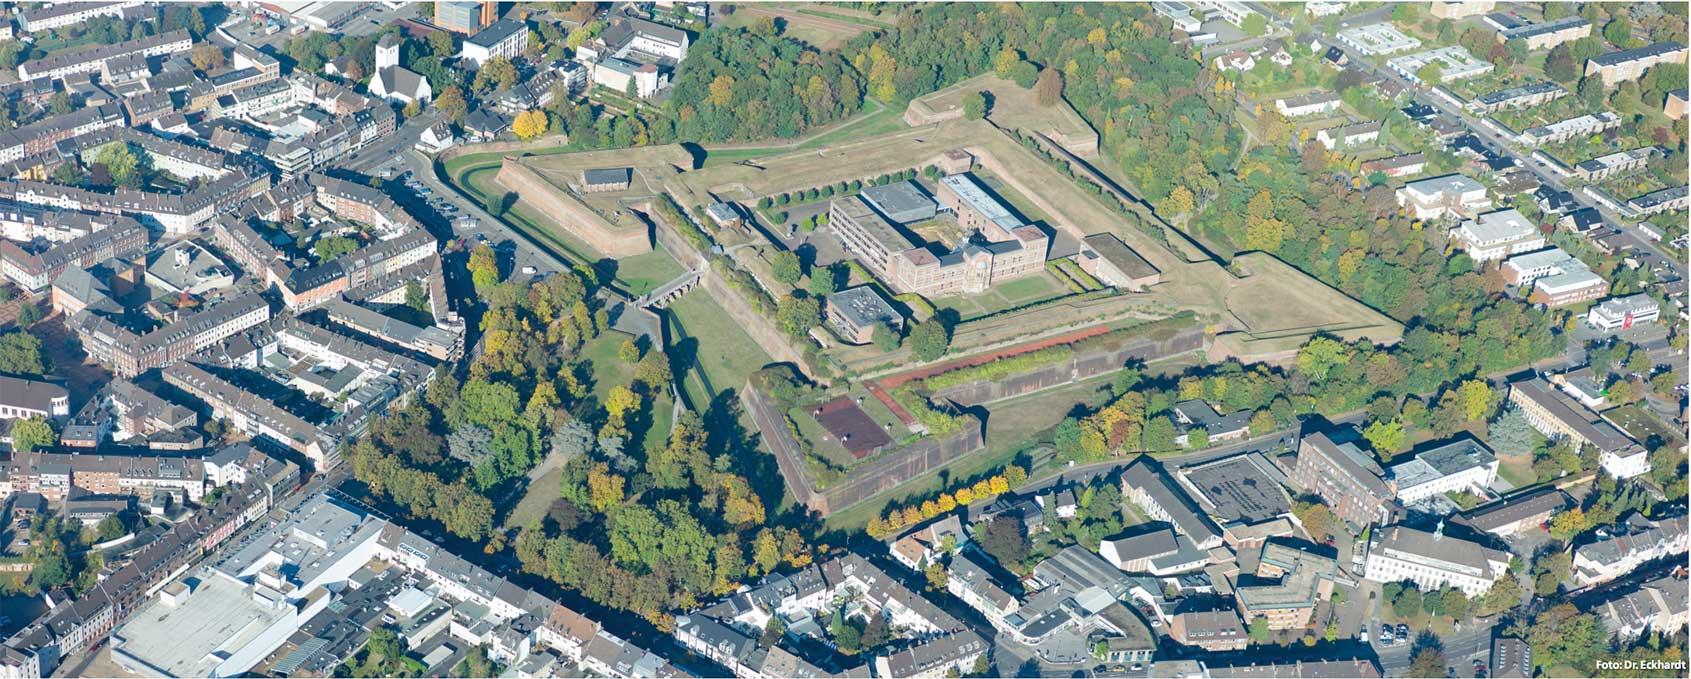 Zitadelle in Jülich